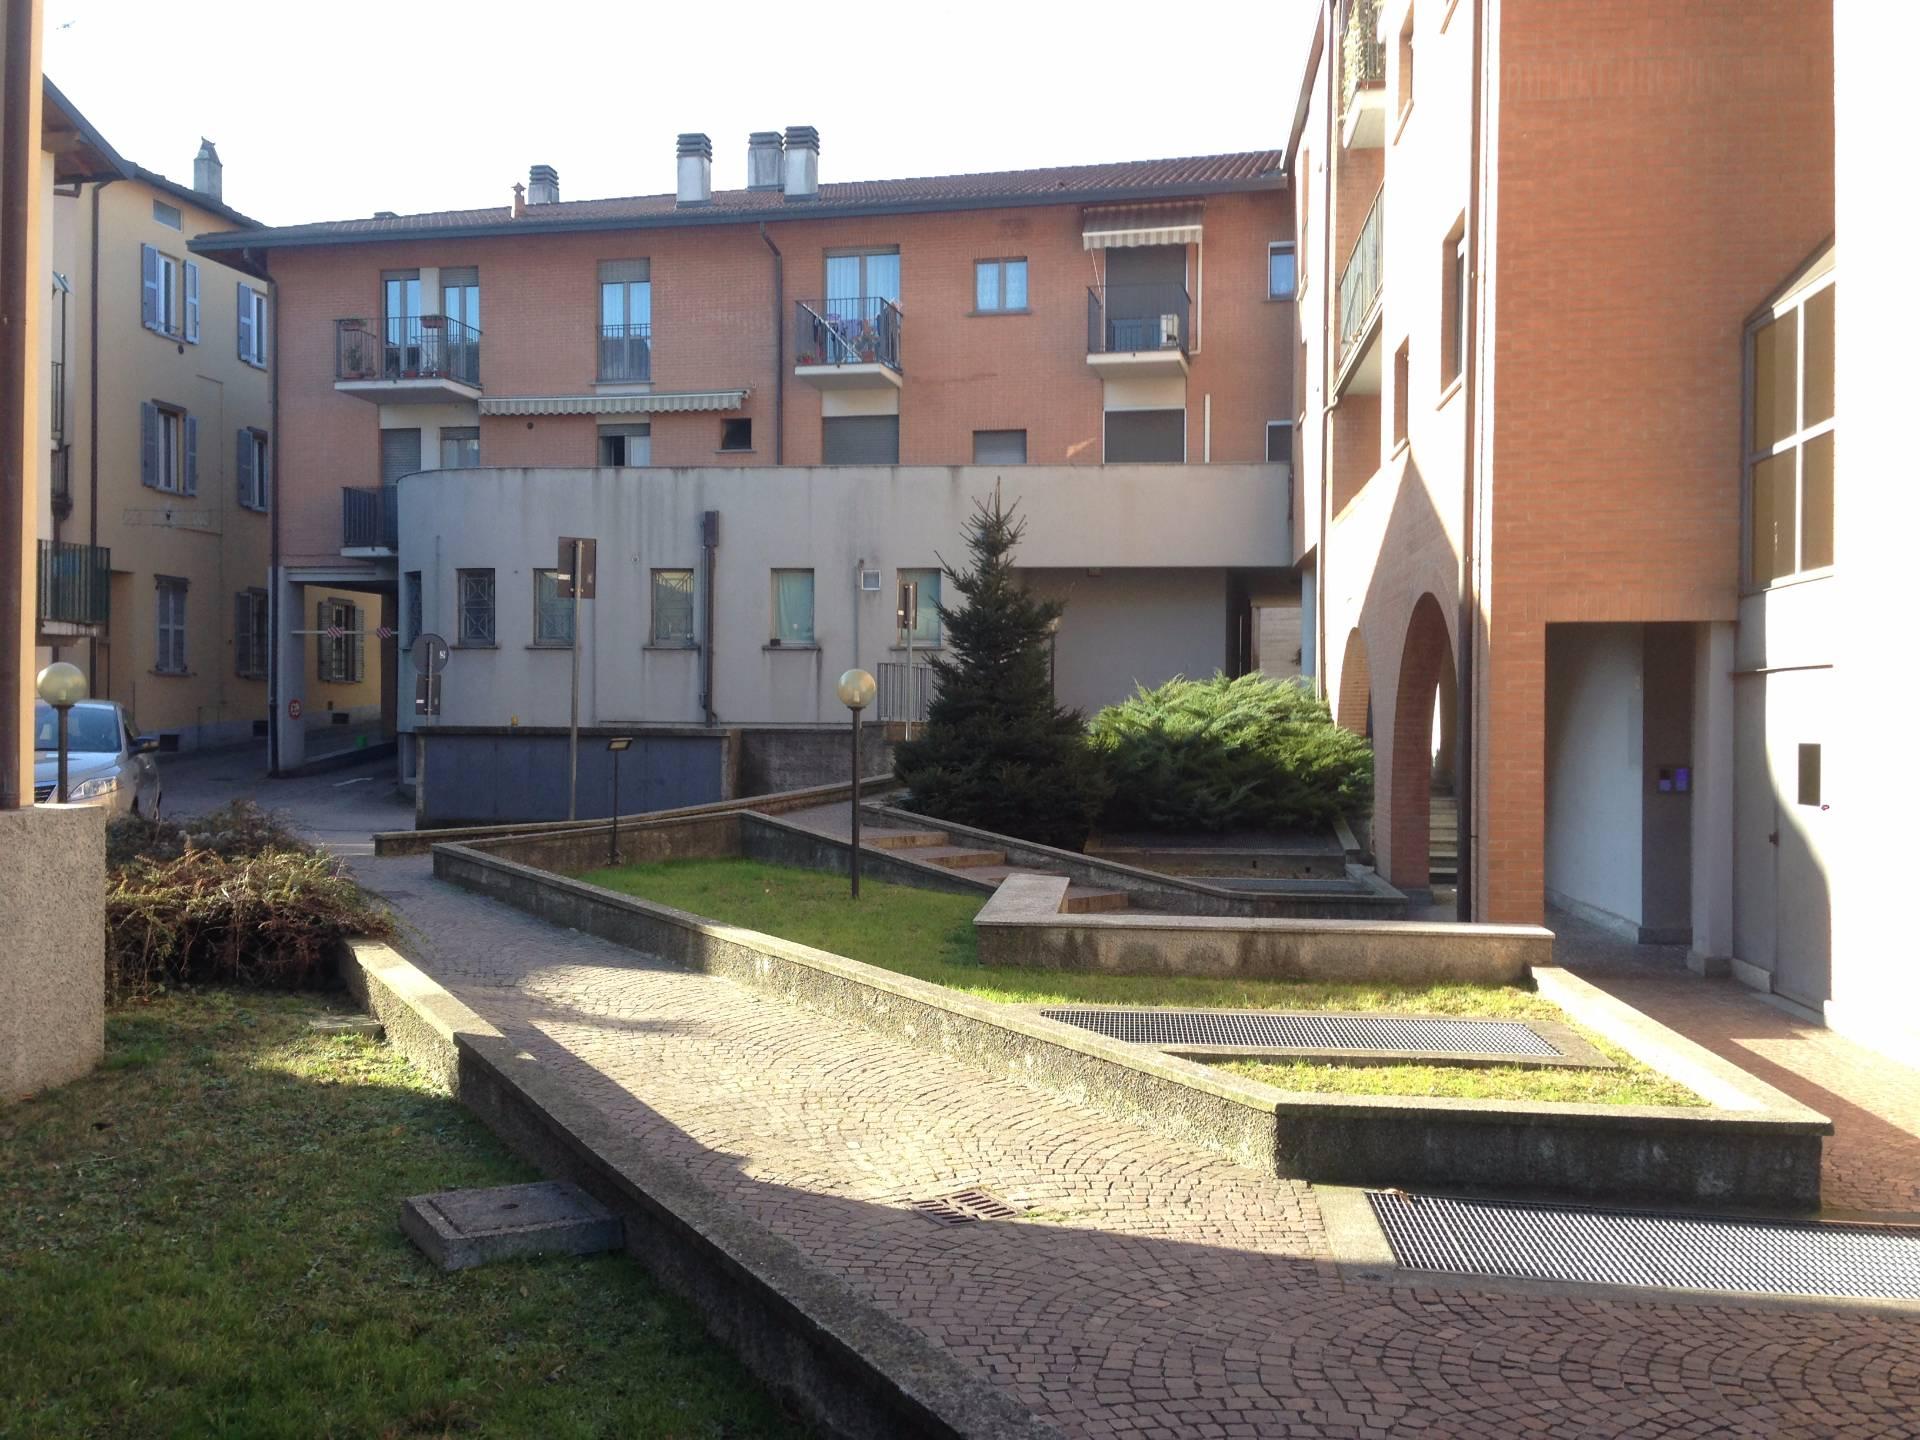 Appartamento in vendita a Olginate, 3 locali, prezzo € 150.000 | Cambio Casa.it